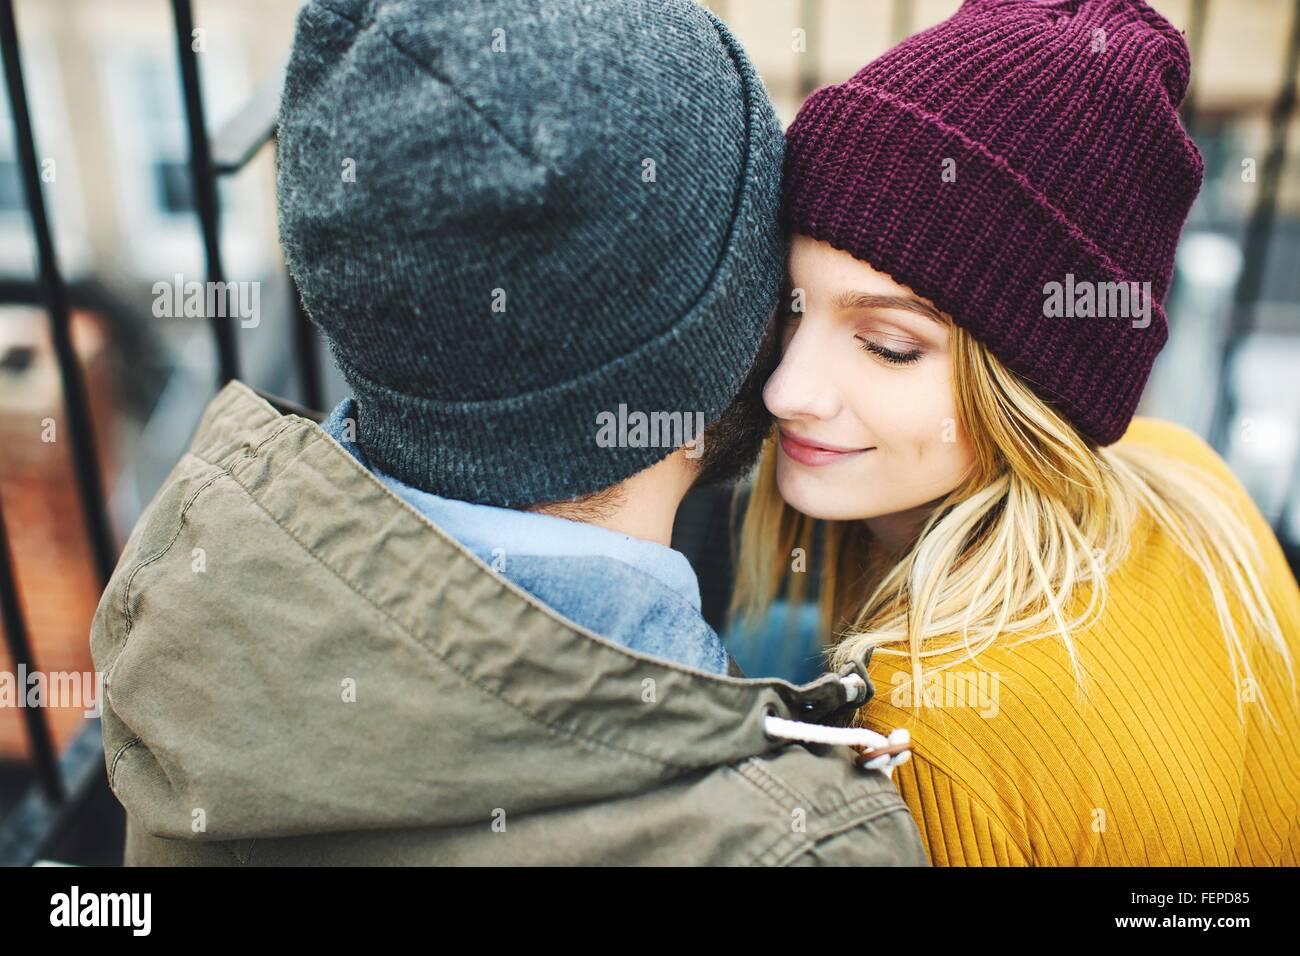 Romantische junges Paar tragen Strickmützen sitzt auf der Treppe Stockbild